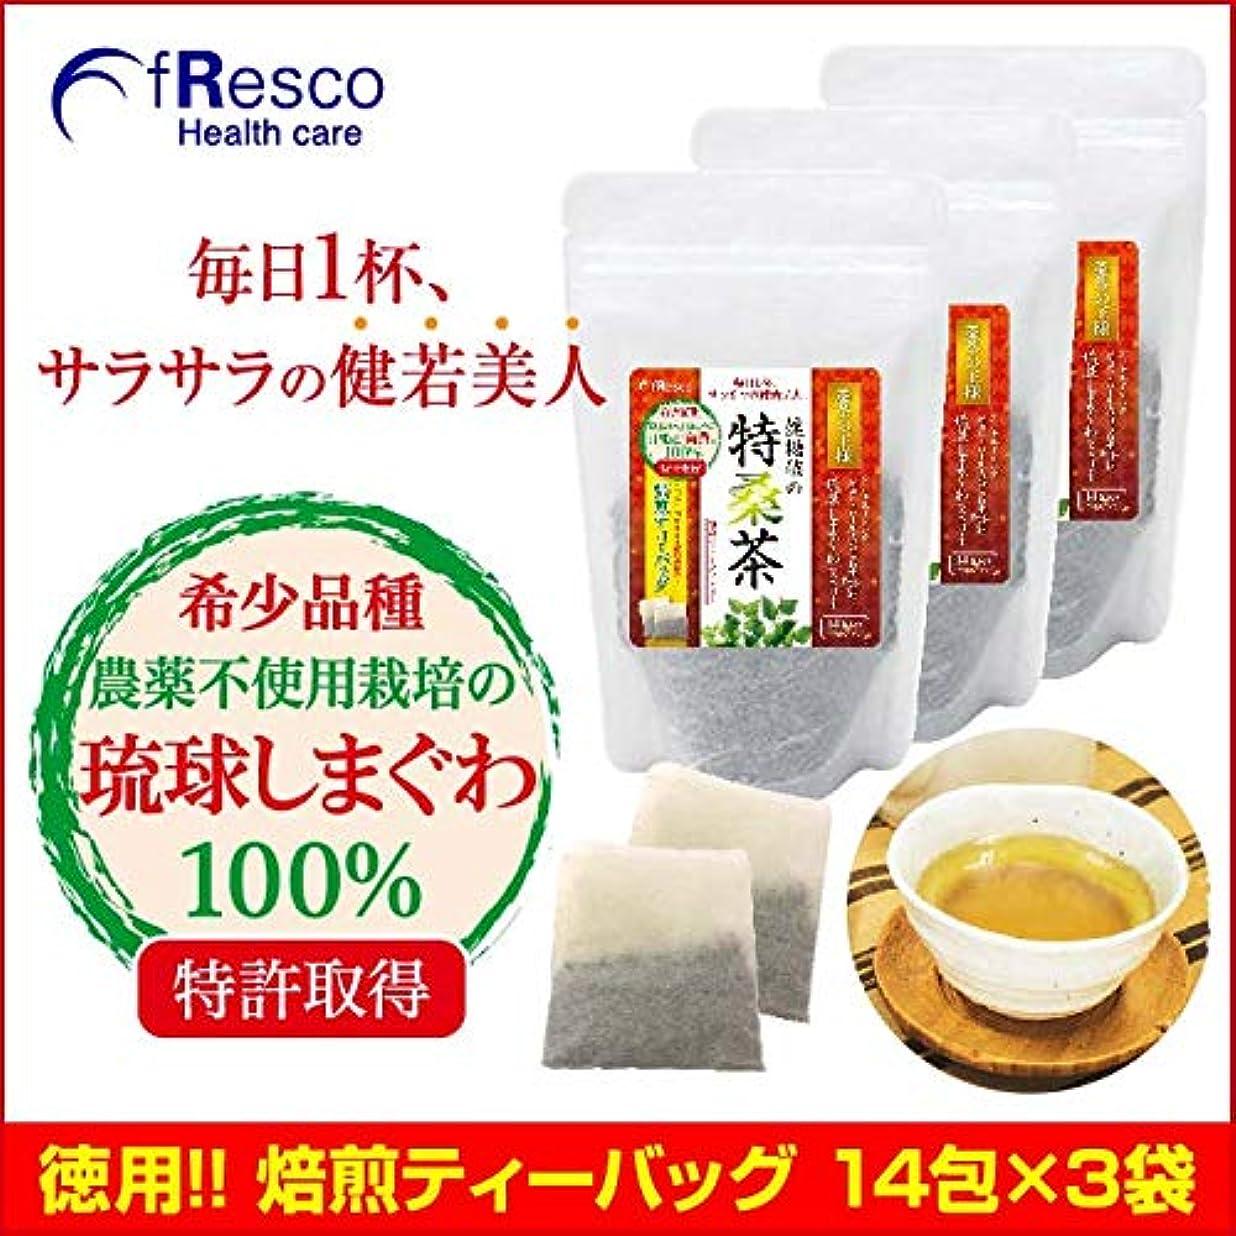 クーポン毛細血管老朽化した琉球しまぐわ 健糖値の特桑茶 焙煎ティーバック 90日分(3個セット)